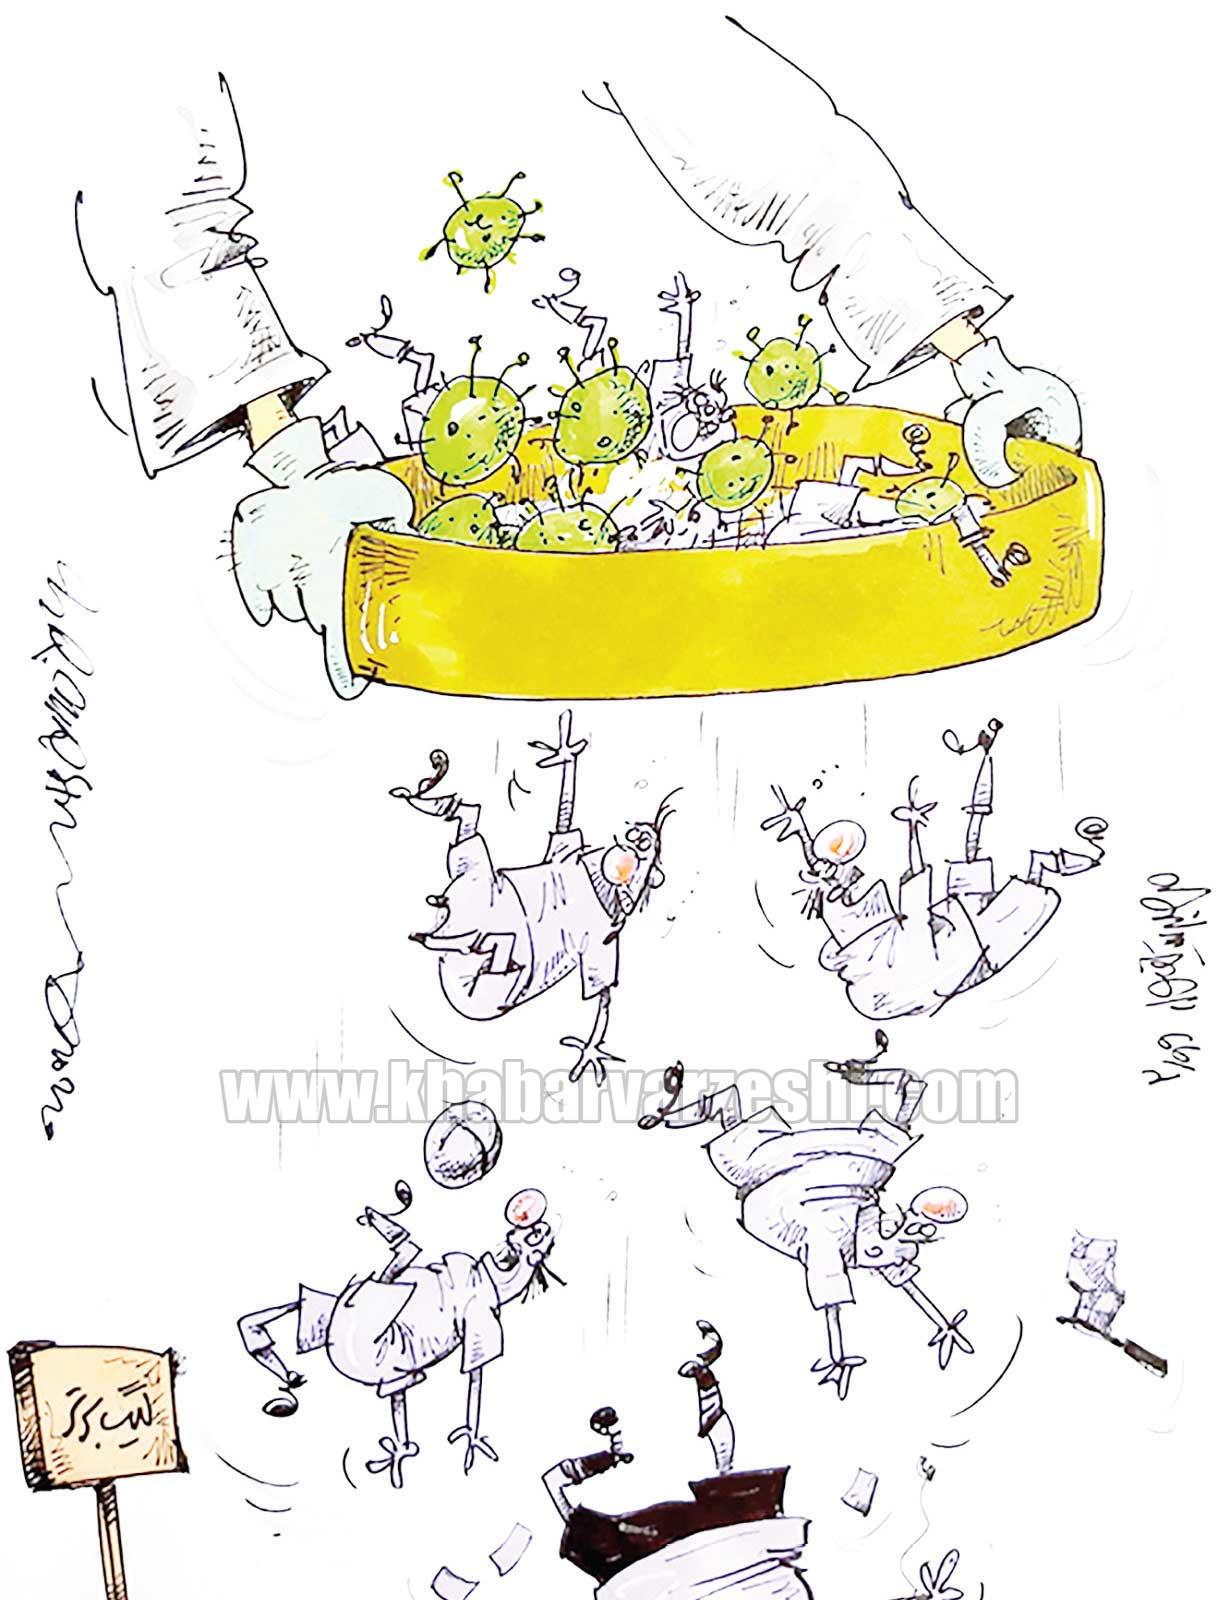 کارتون محمدرضا میرشاهولد درباره ویروس کرونا در ادامه لیگ